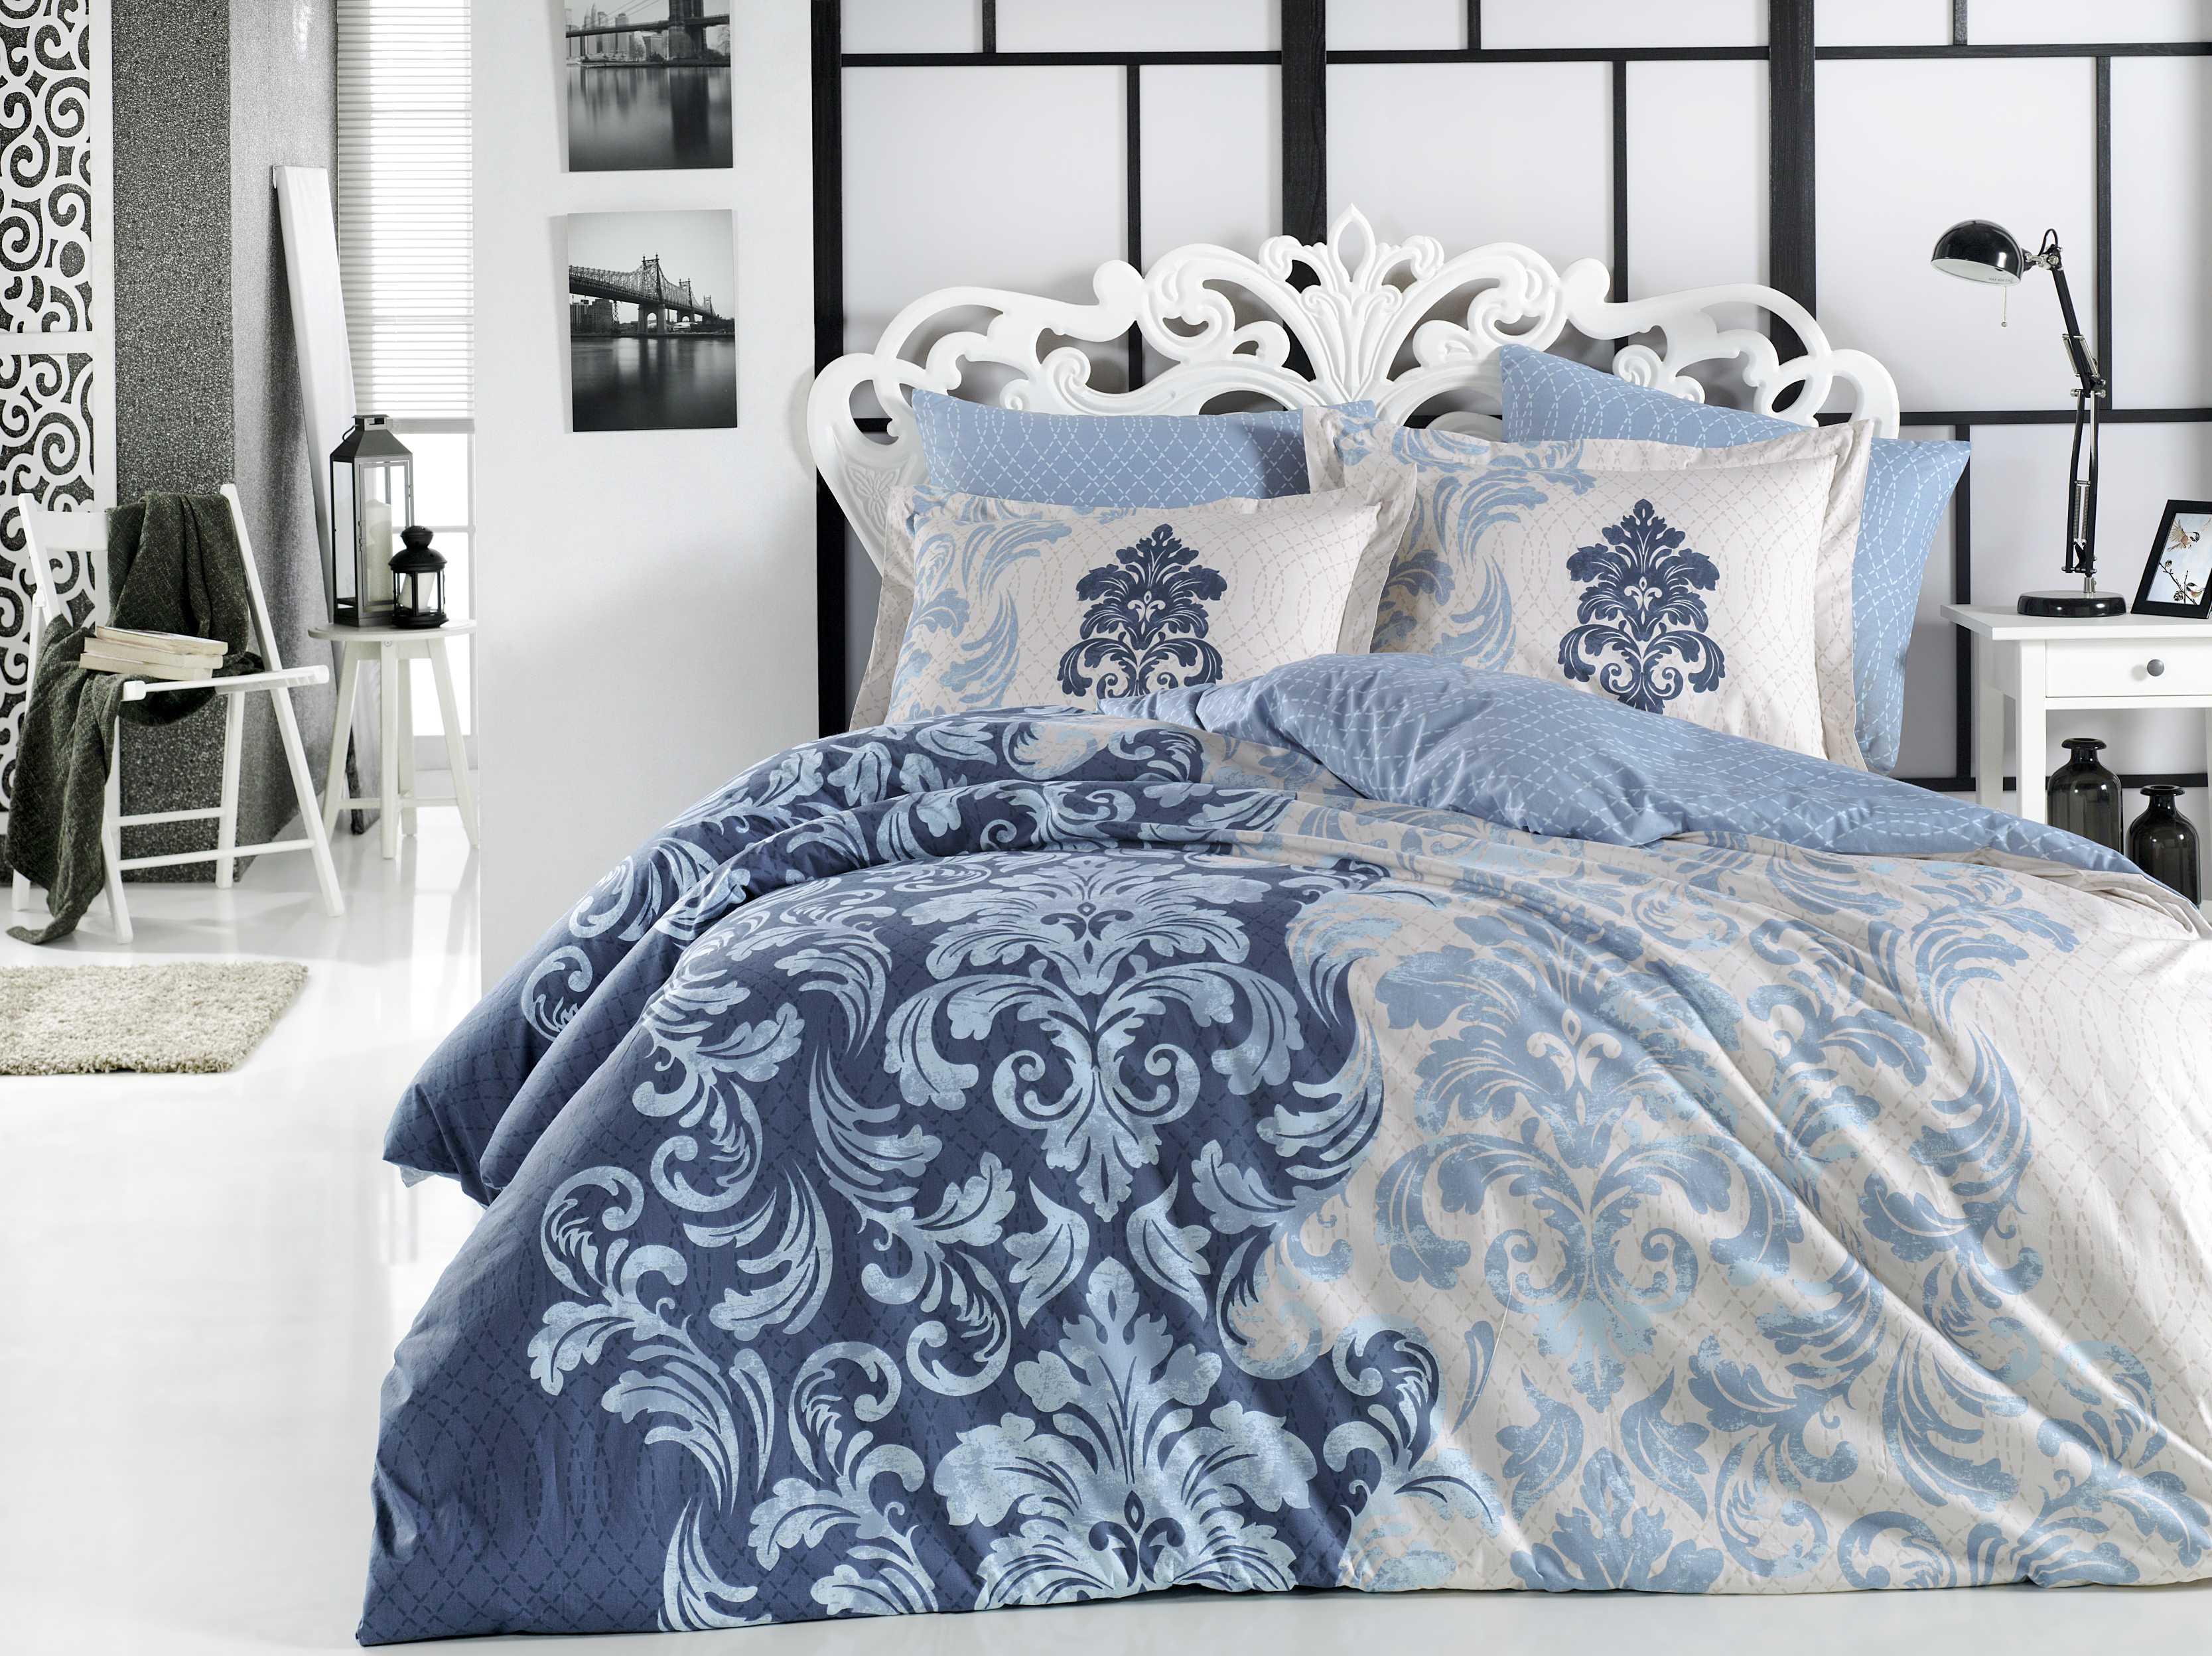 """Комплект постельного белья Hobby Home Collection """"Mirella"""", 1,5-спальный, наволочки 50x70, цвет: синий"""